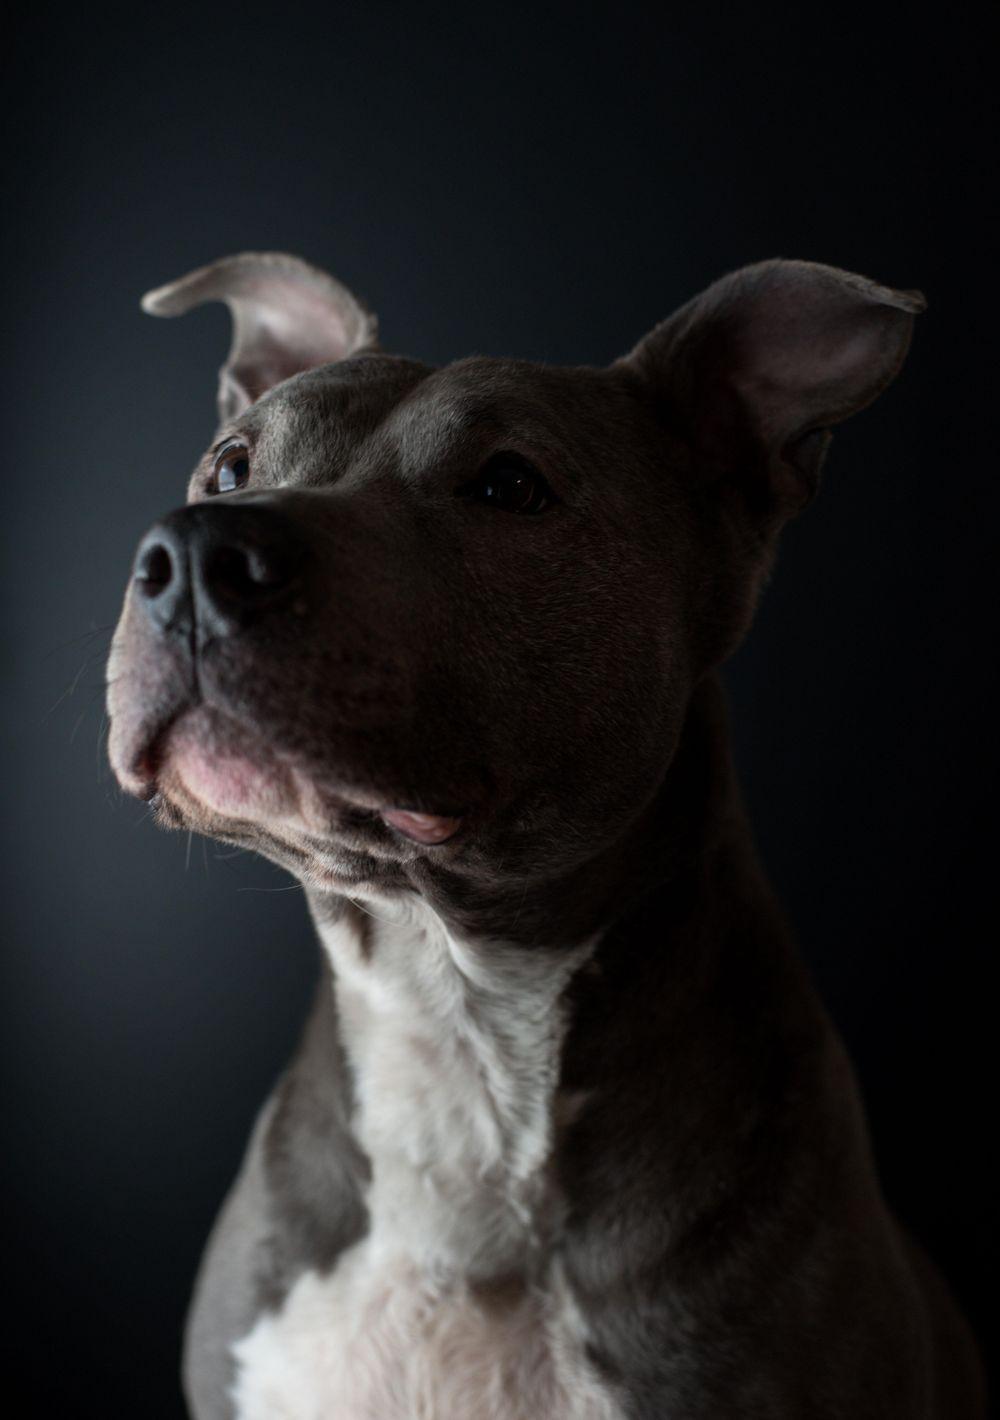 Pet Portraits - image 4 - student project